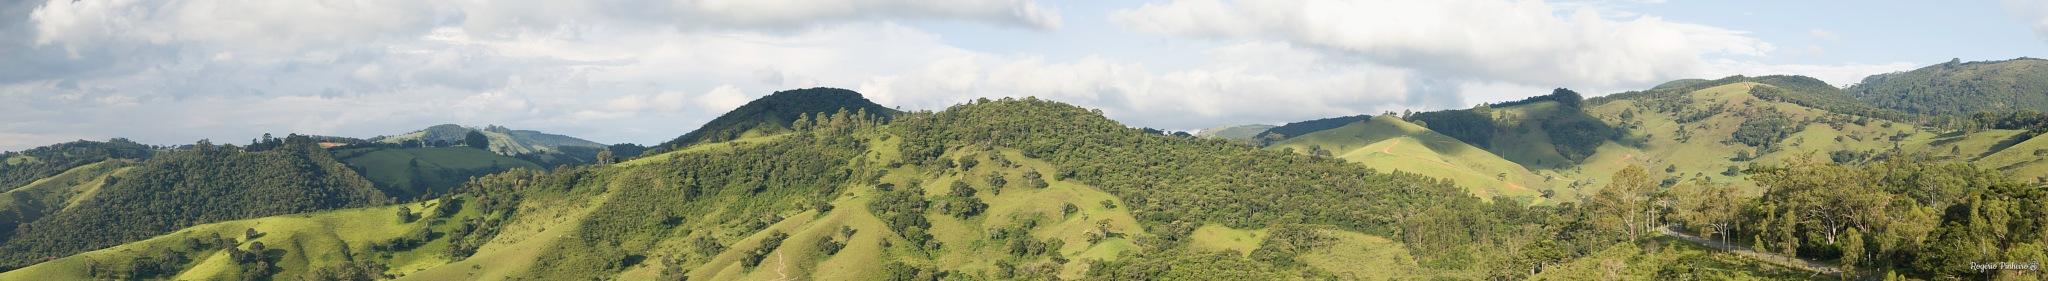 Monte Verde by Rogério Pinheiro